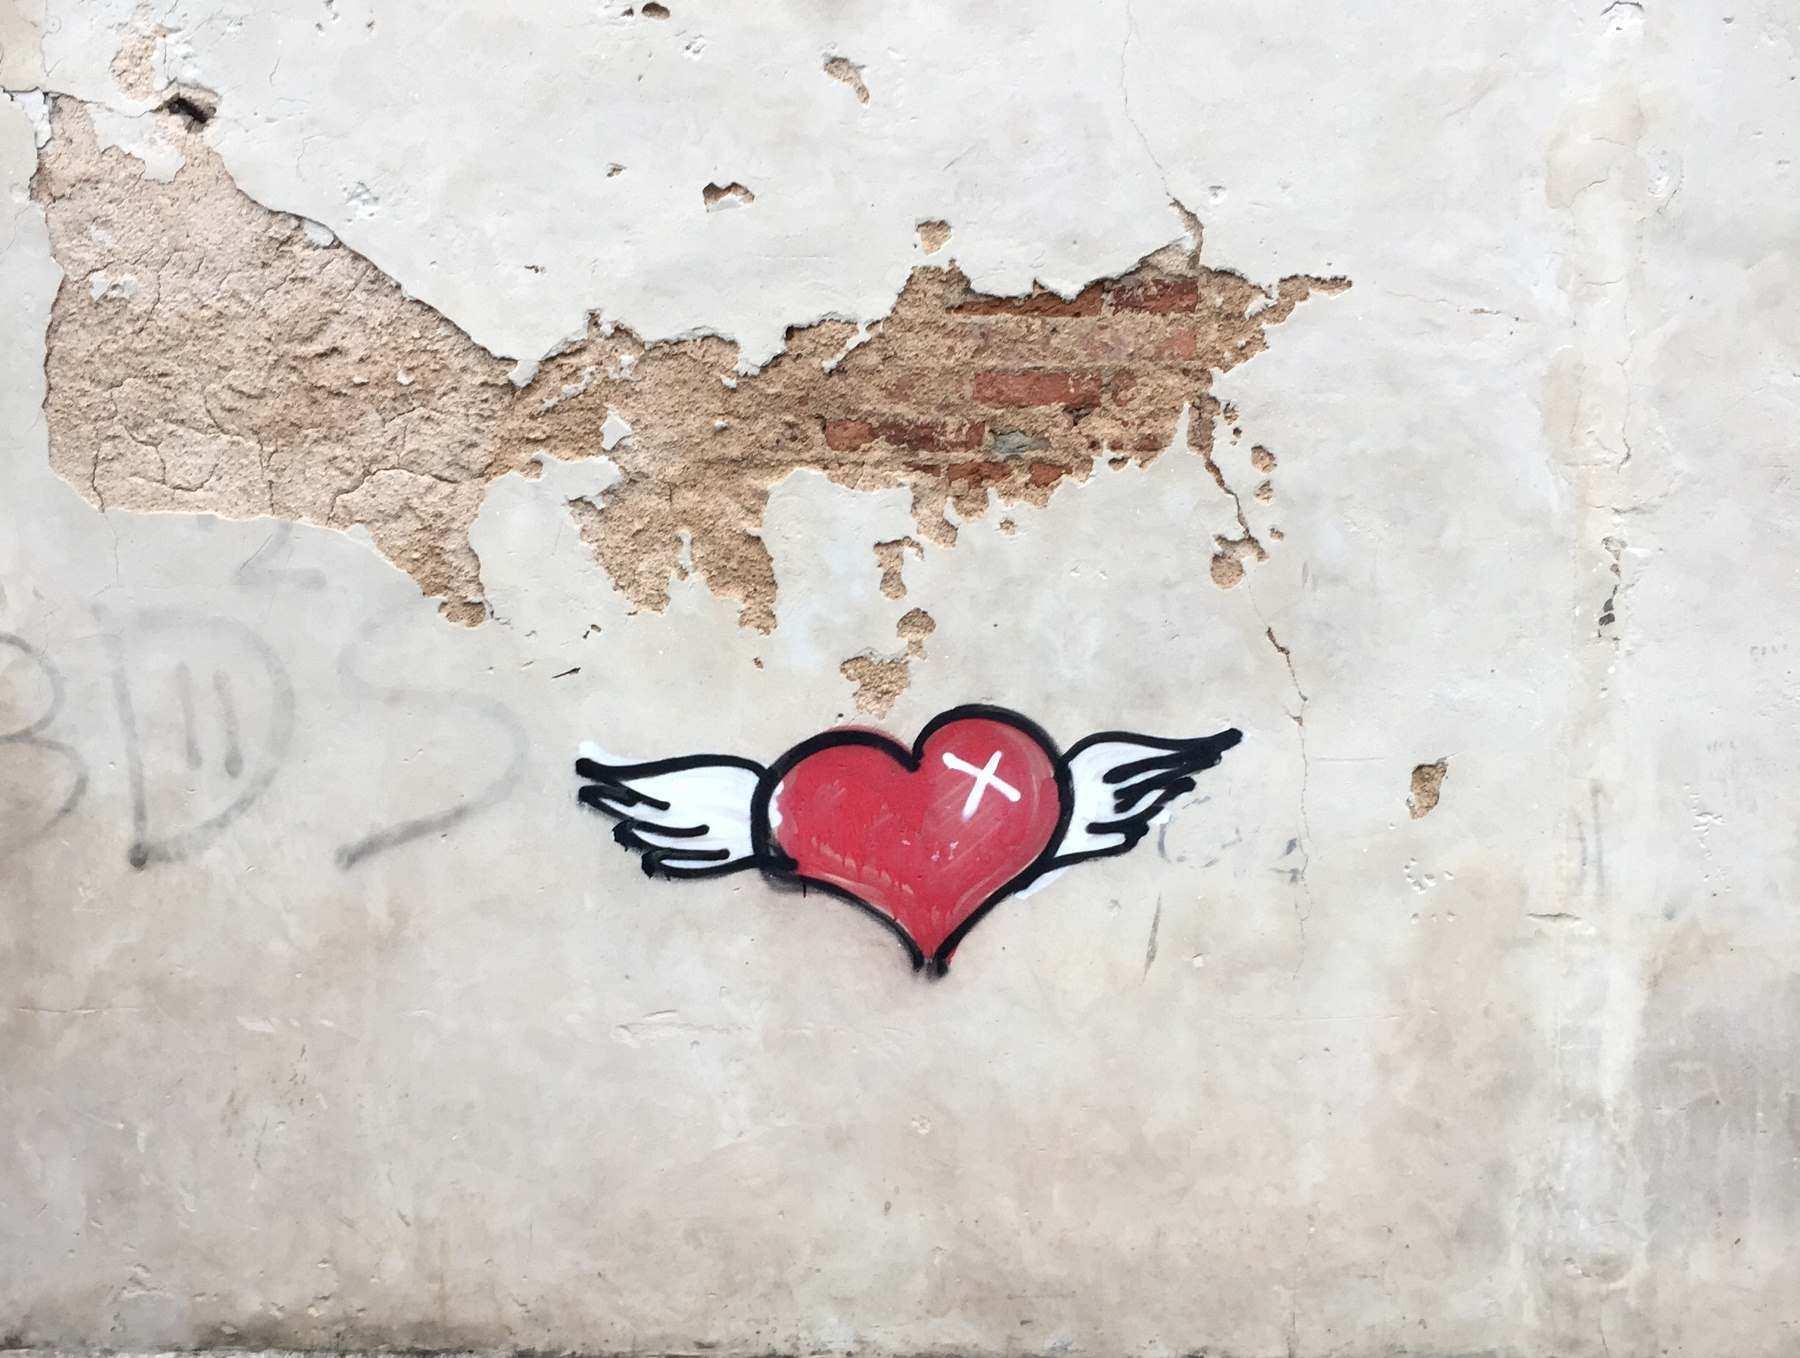 Grafittiherz auf Wand oder Mauer